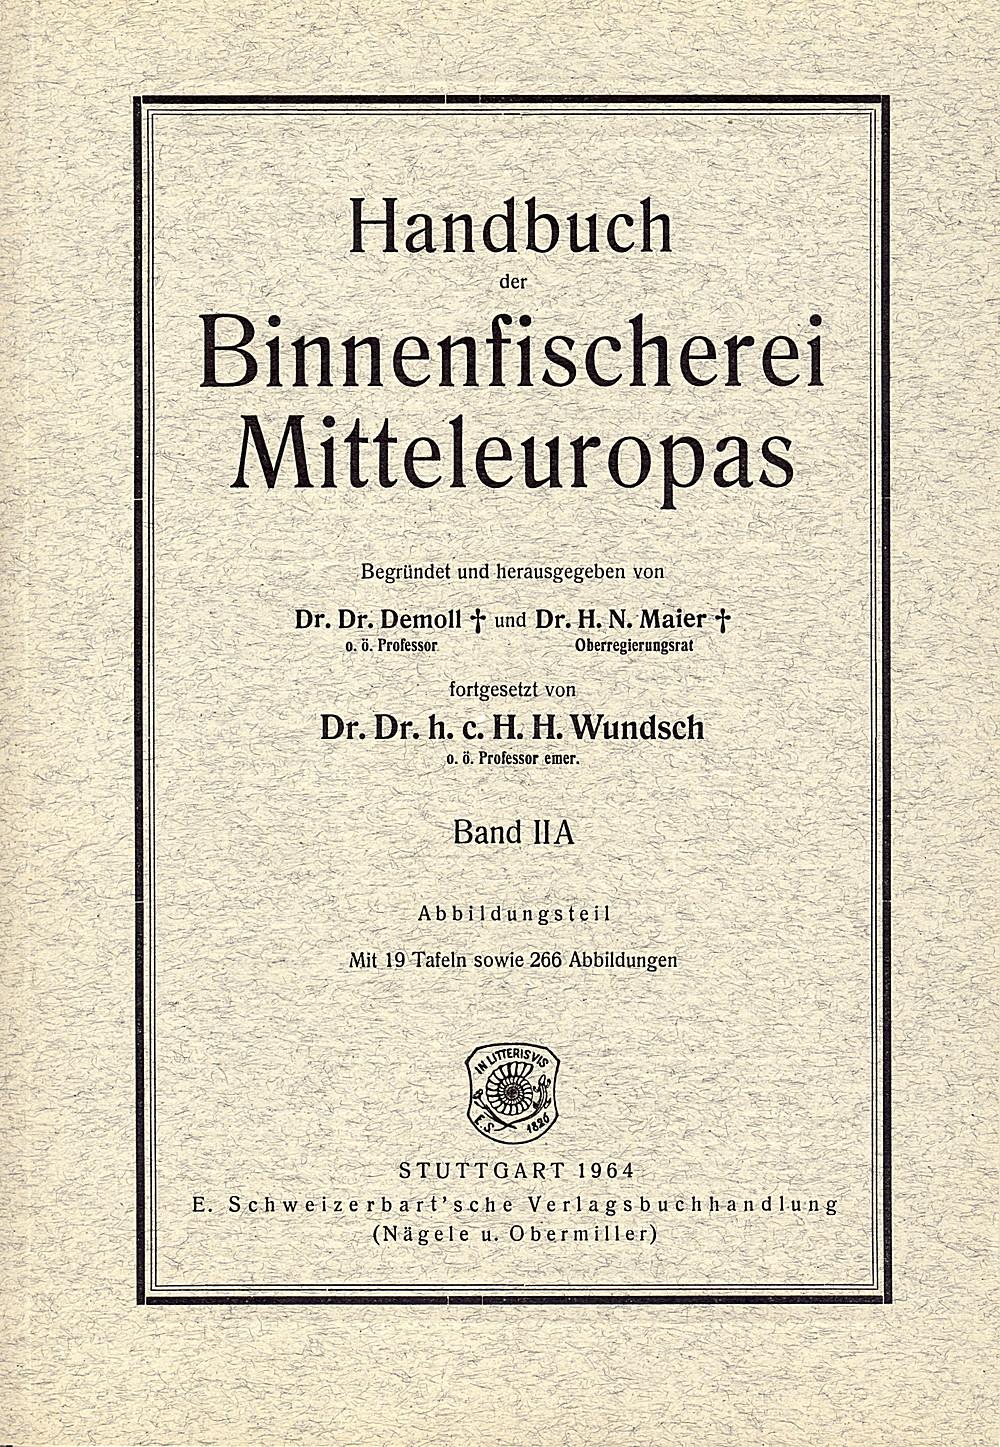 Anatomie der Fische — Schweizerbart science publishers